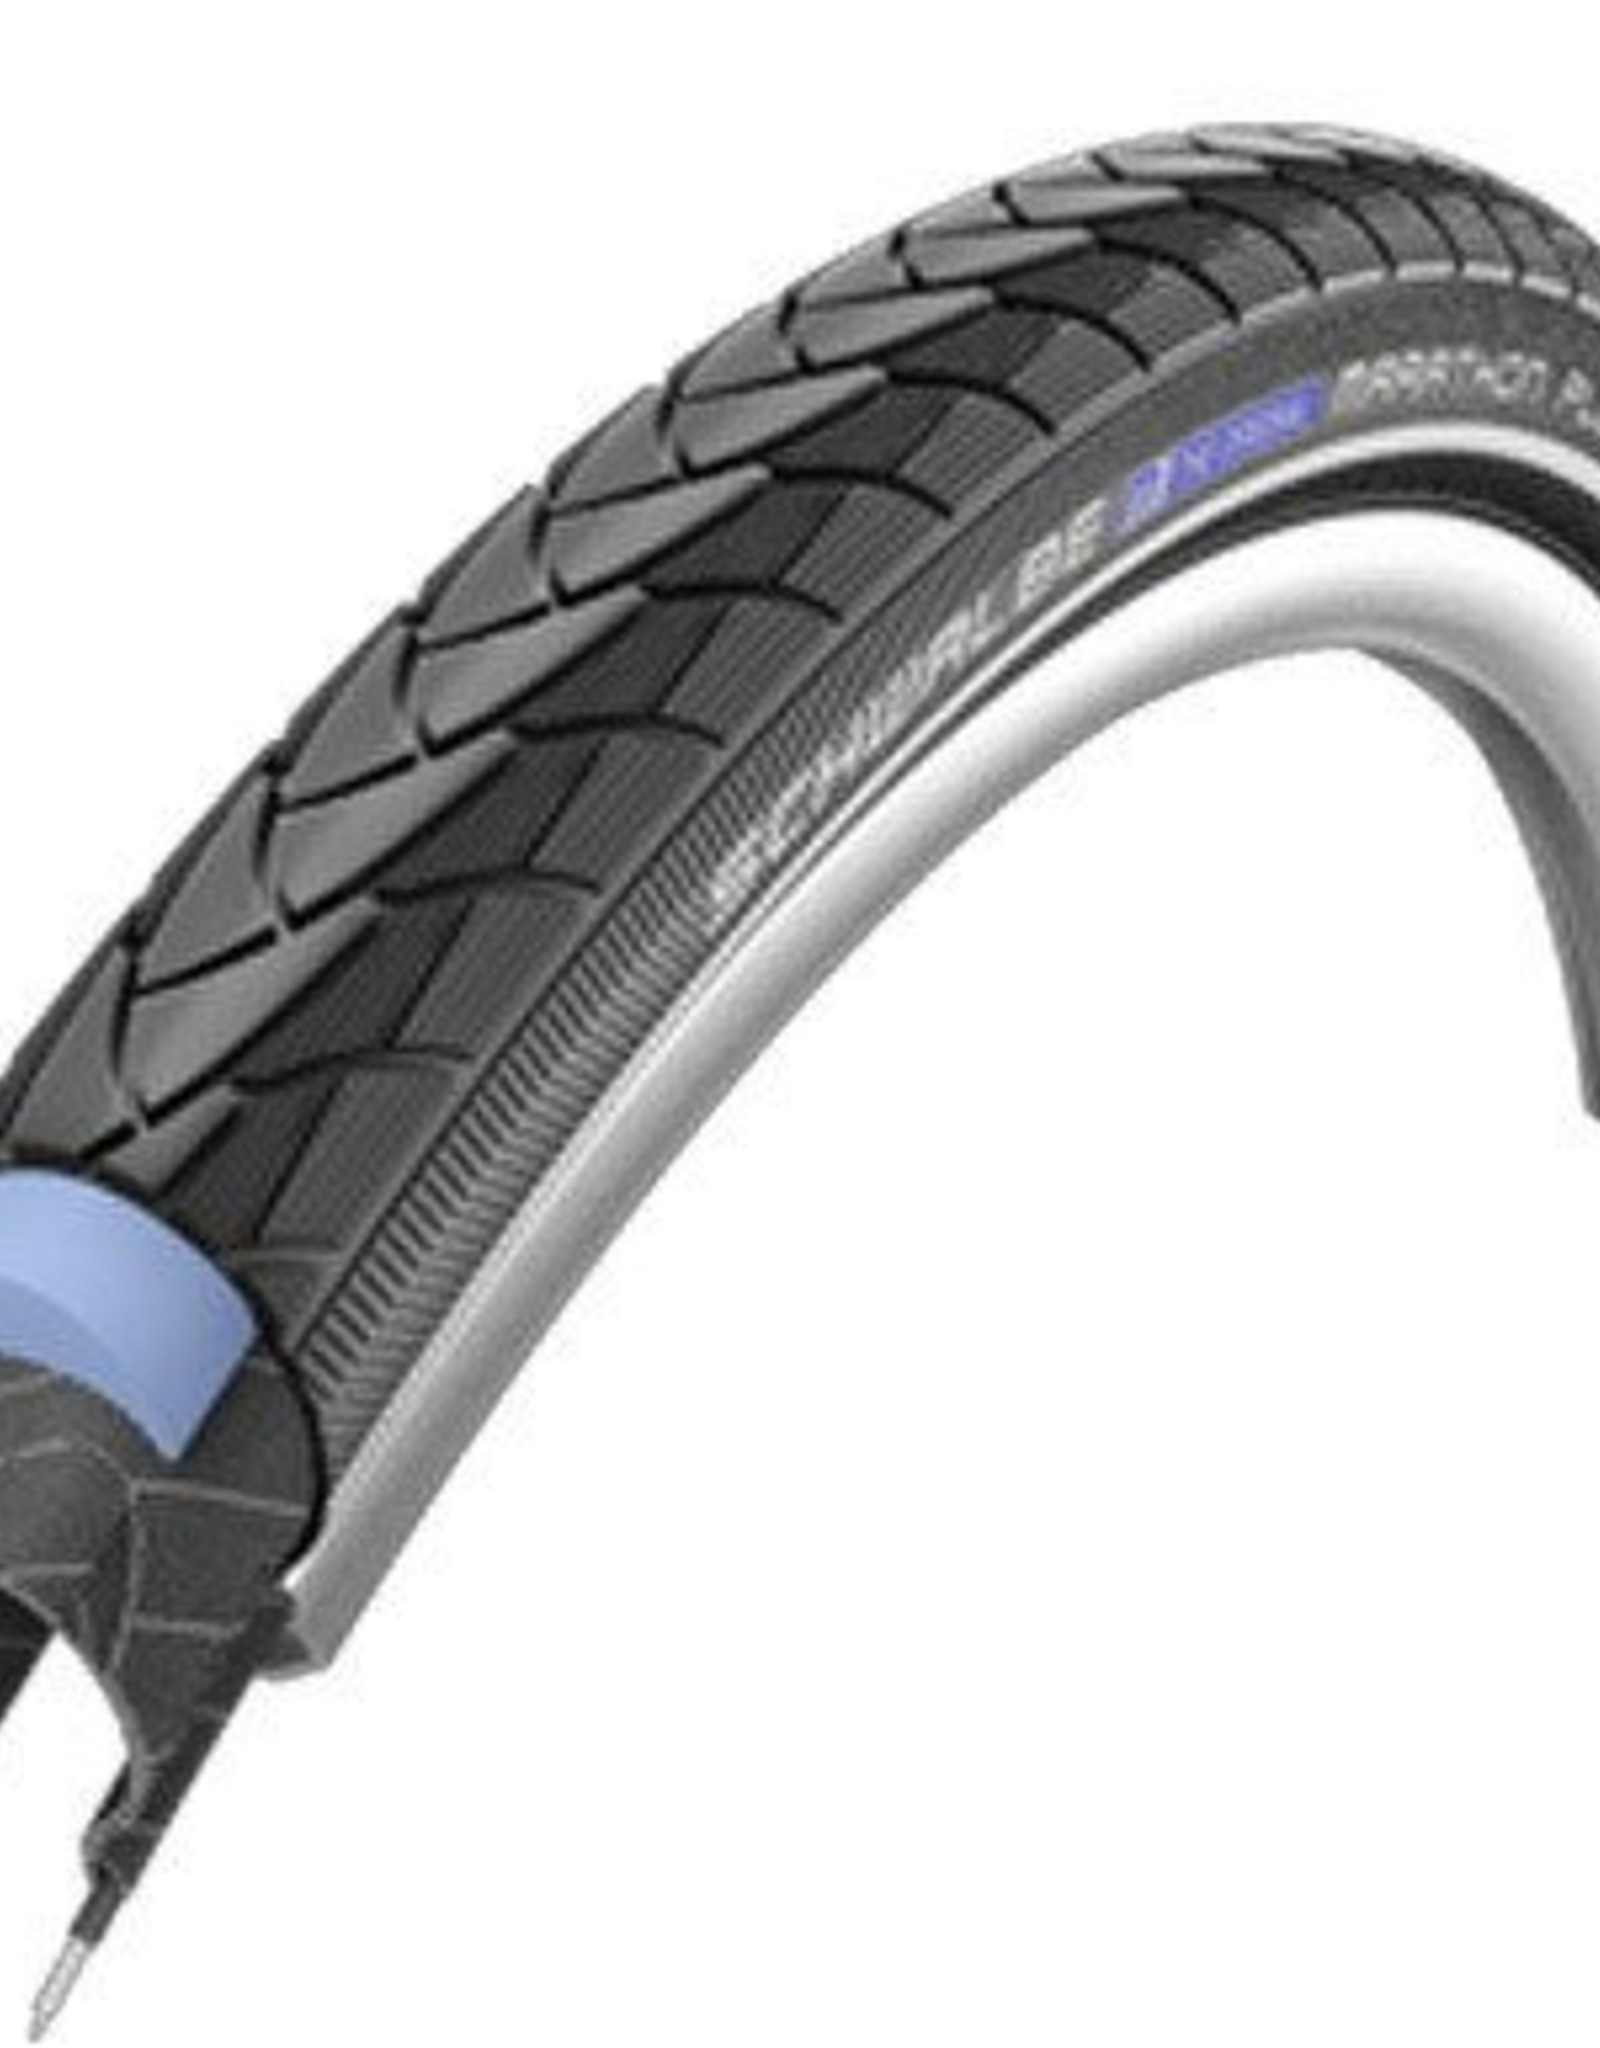 Schwalbe Schwalbe Marathon Plus Tire, 47-559, wire bead